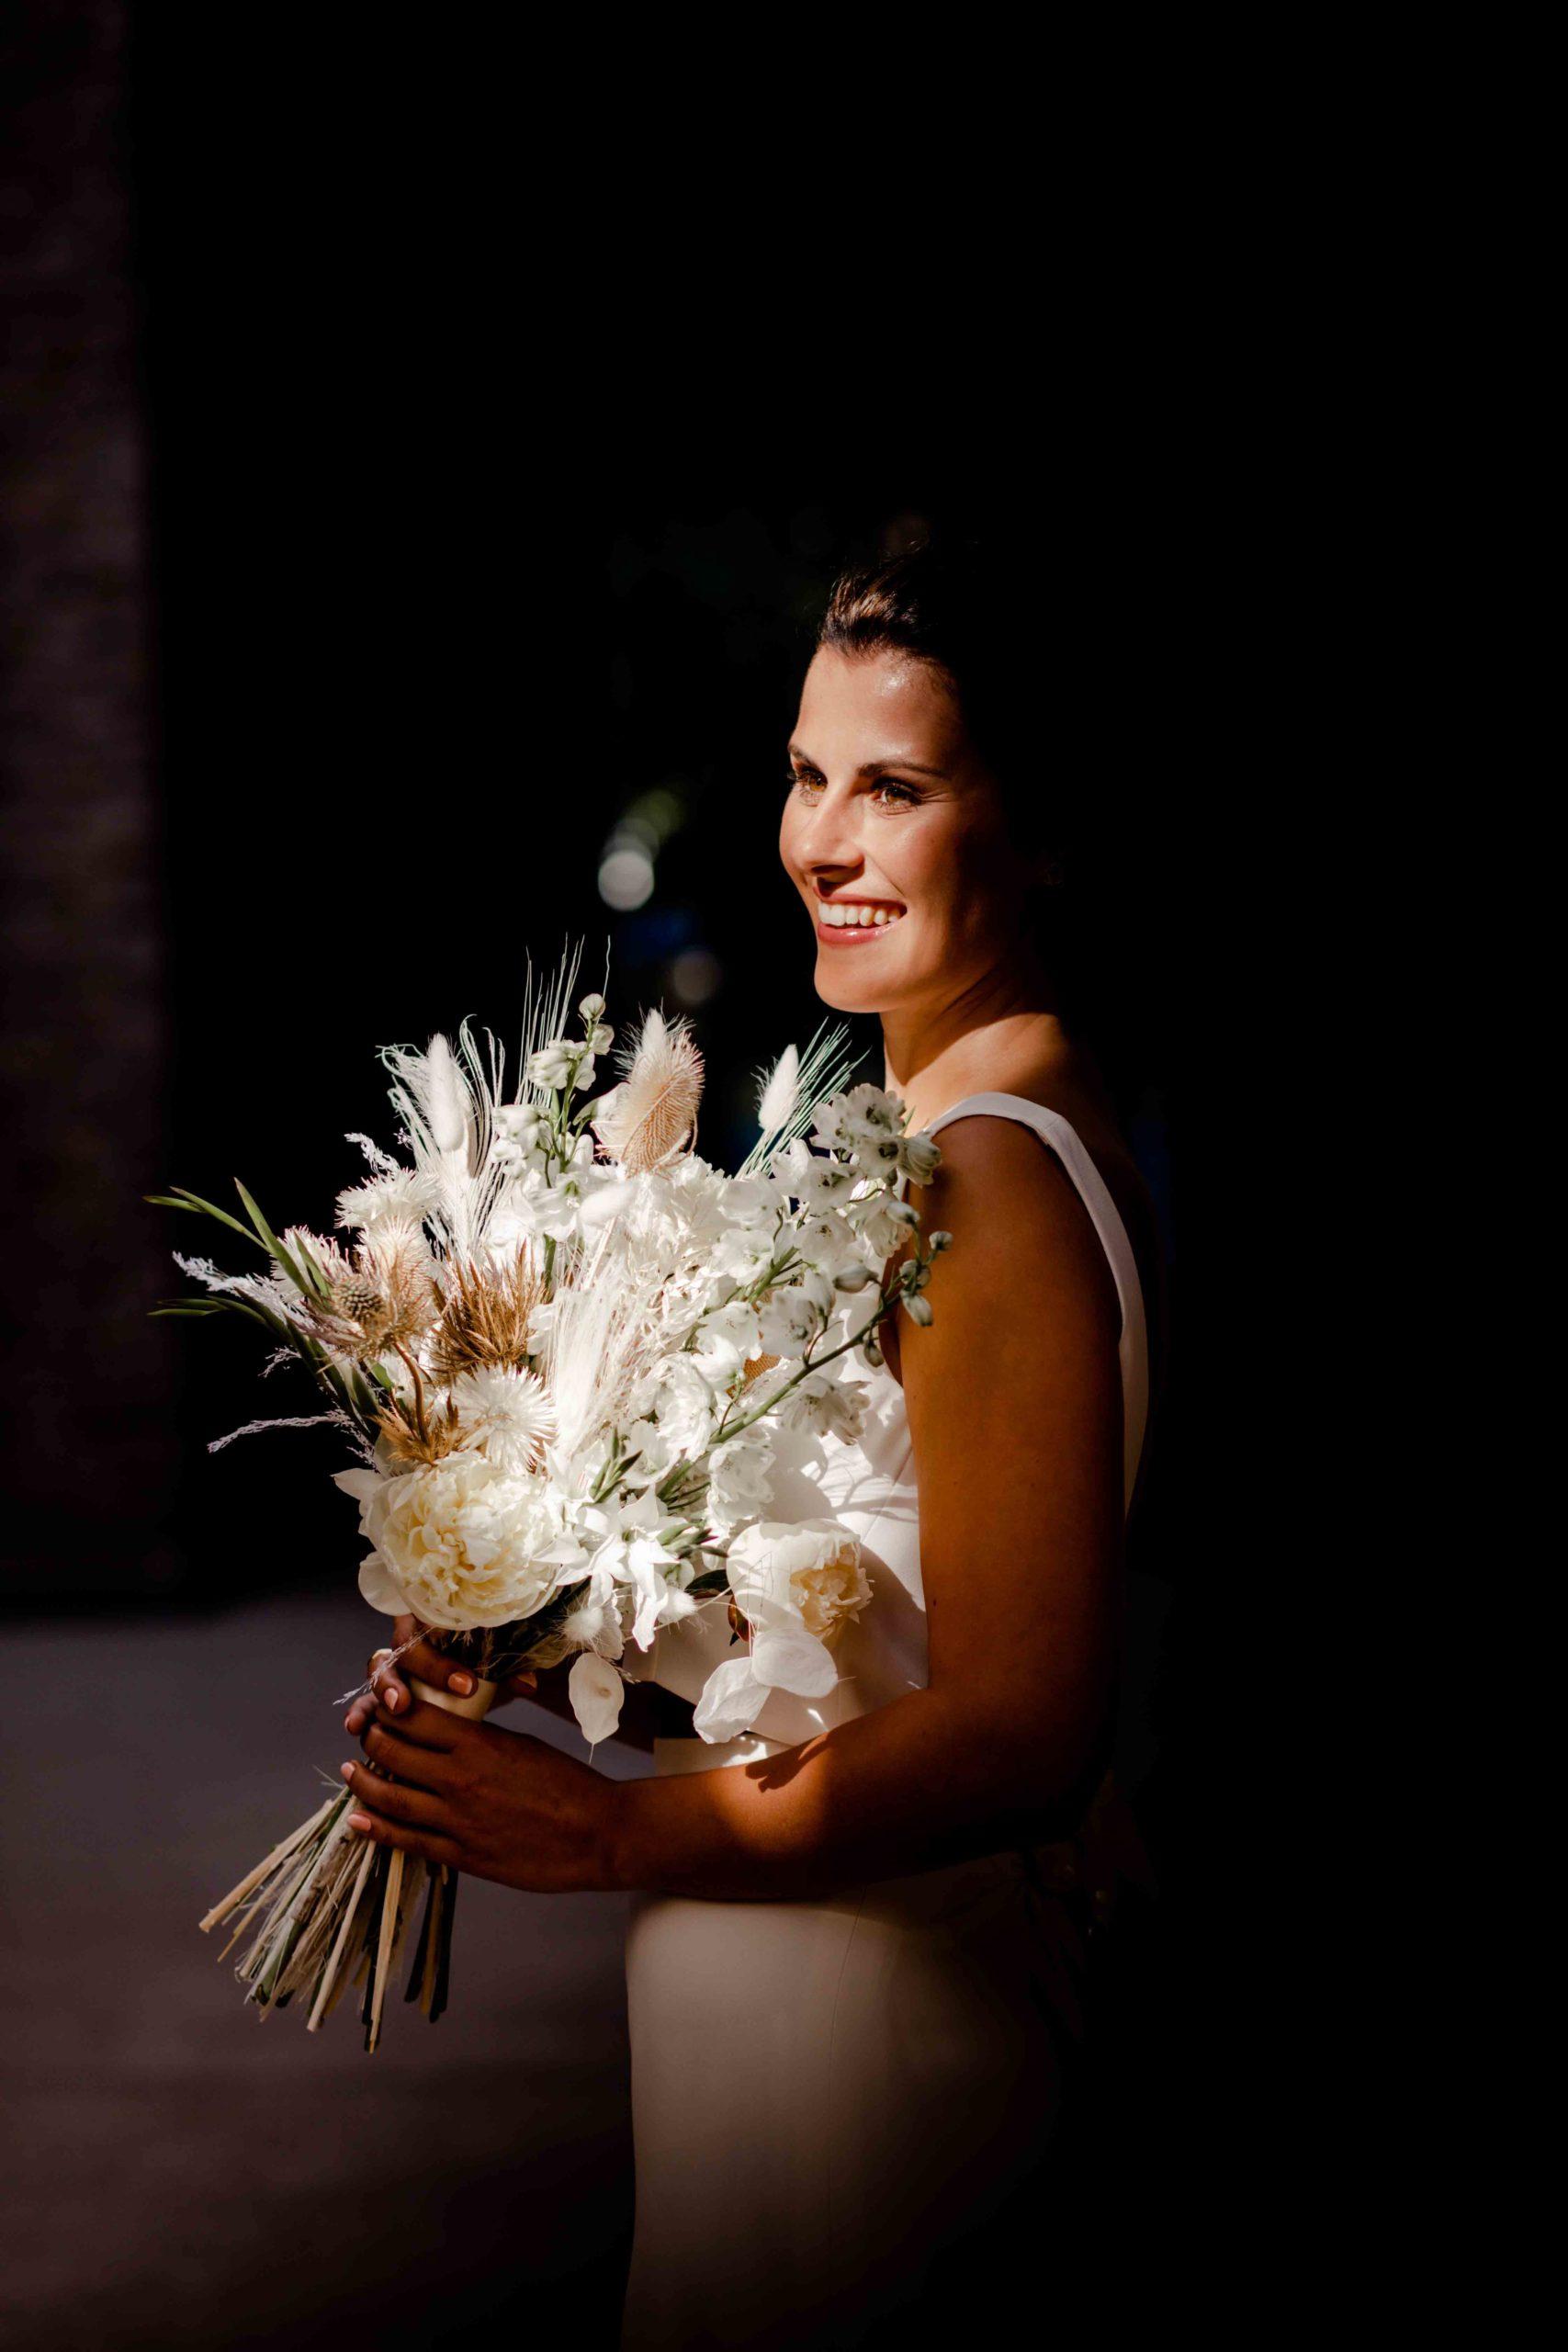 Styled Shoot Brautmode, Model mit weißem, ärmellosen Brautkleid mit Brautstrauss, Seitenansicht